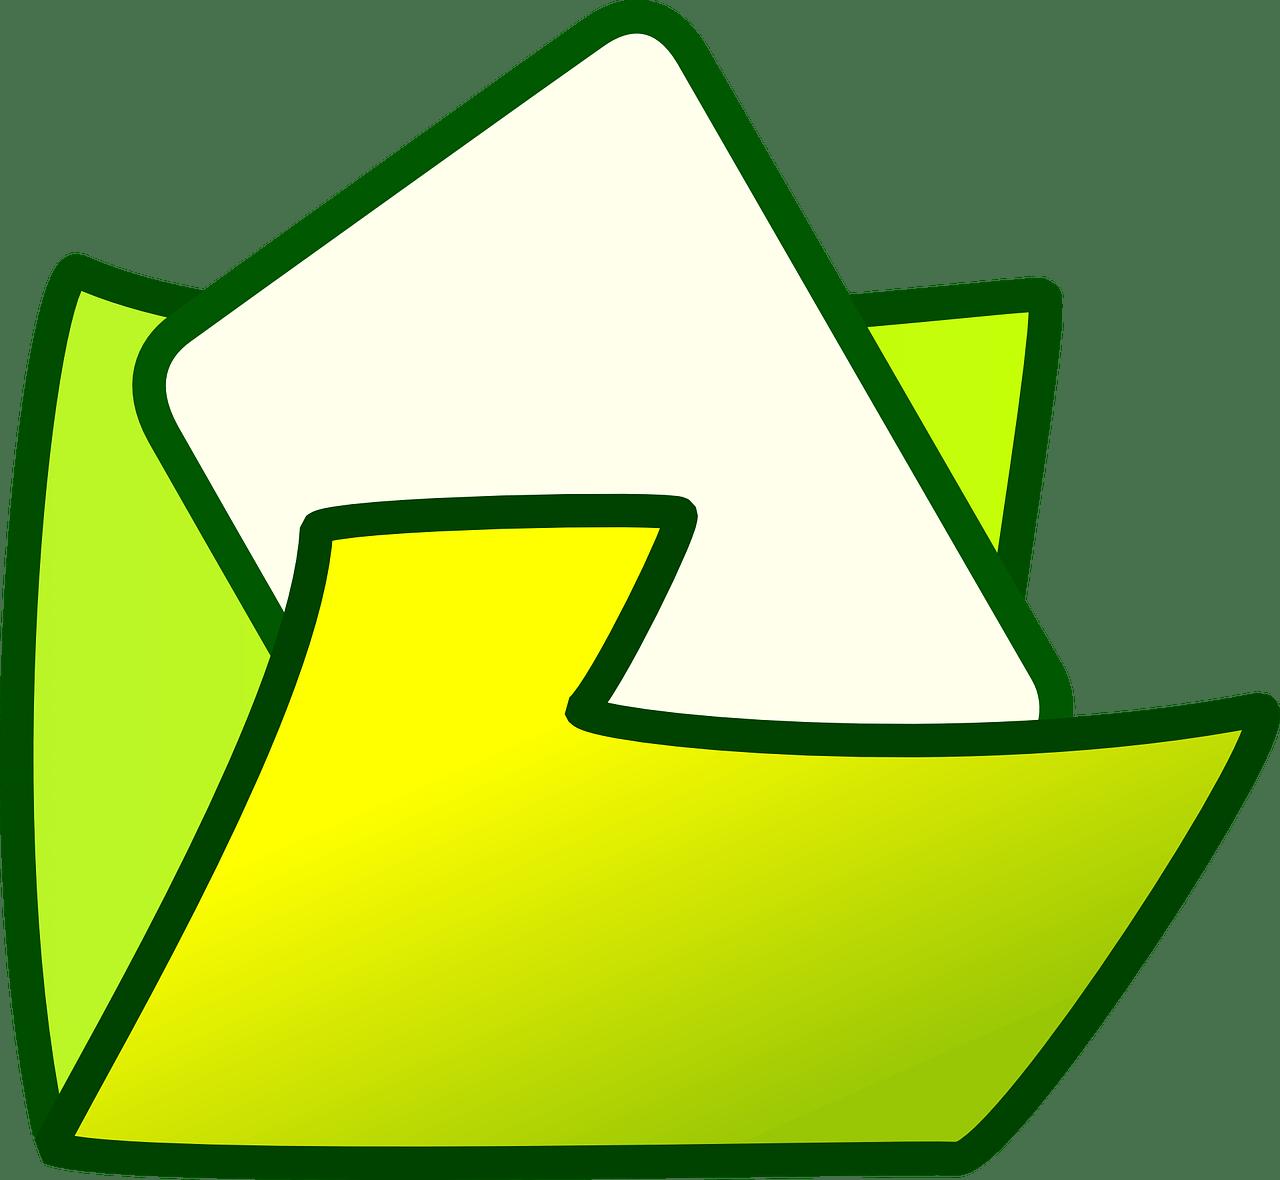 cara menyembunyikan file atau folder di Android